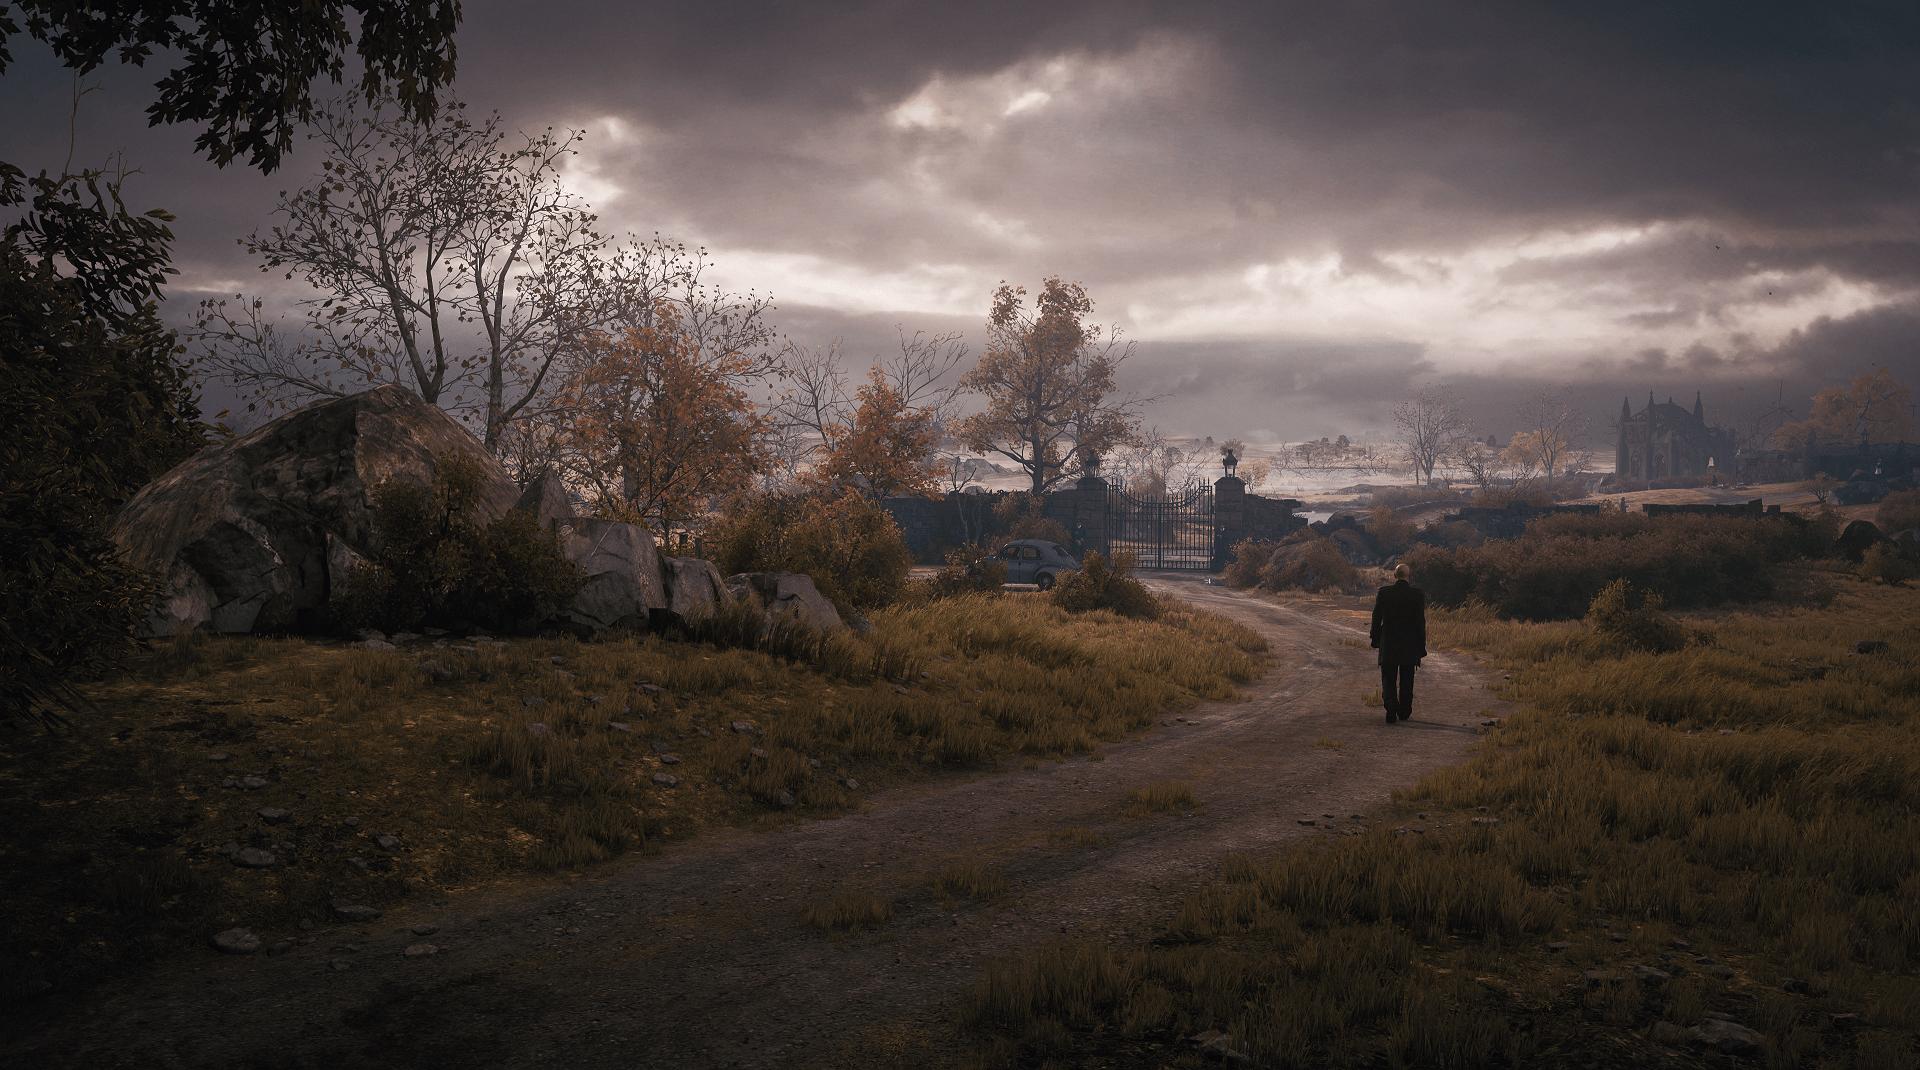 Подборка одних из лучших скриншотов из игр от разных авторов